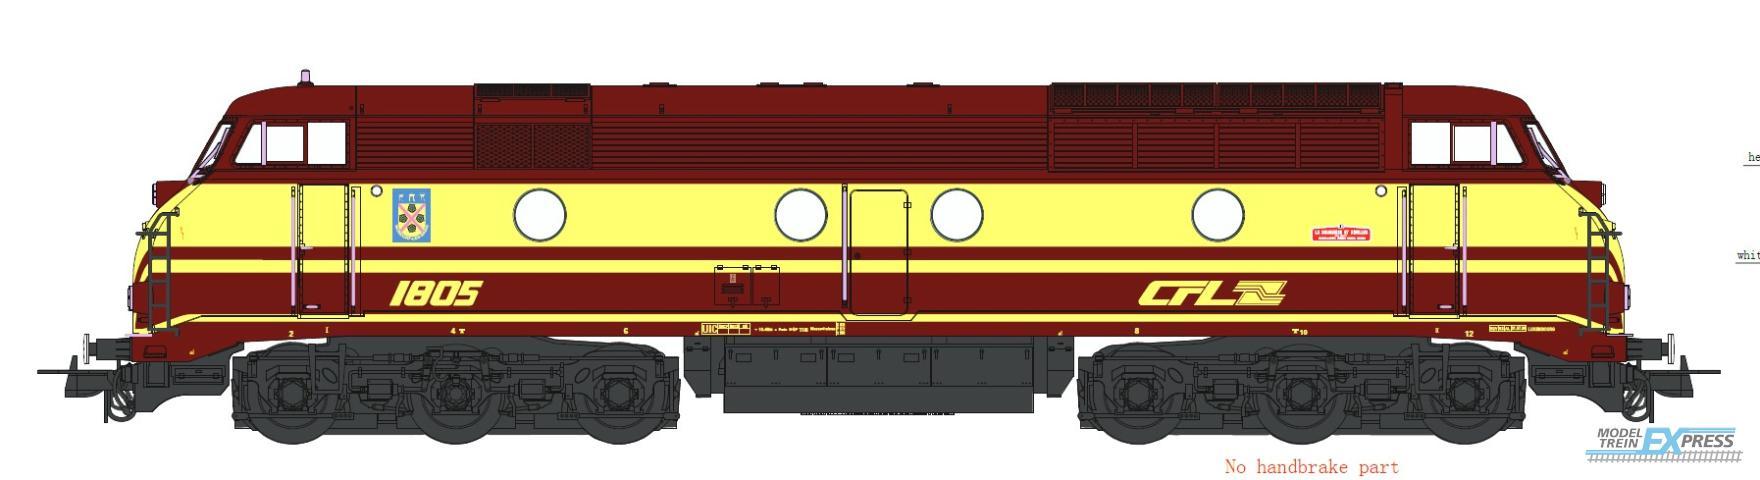 B-Models 22.206